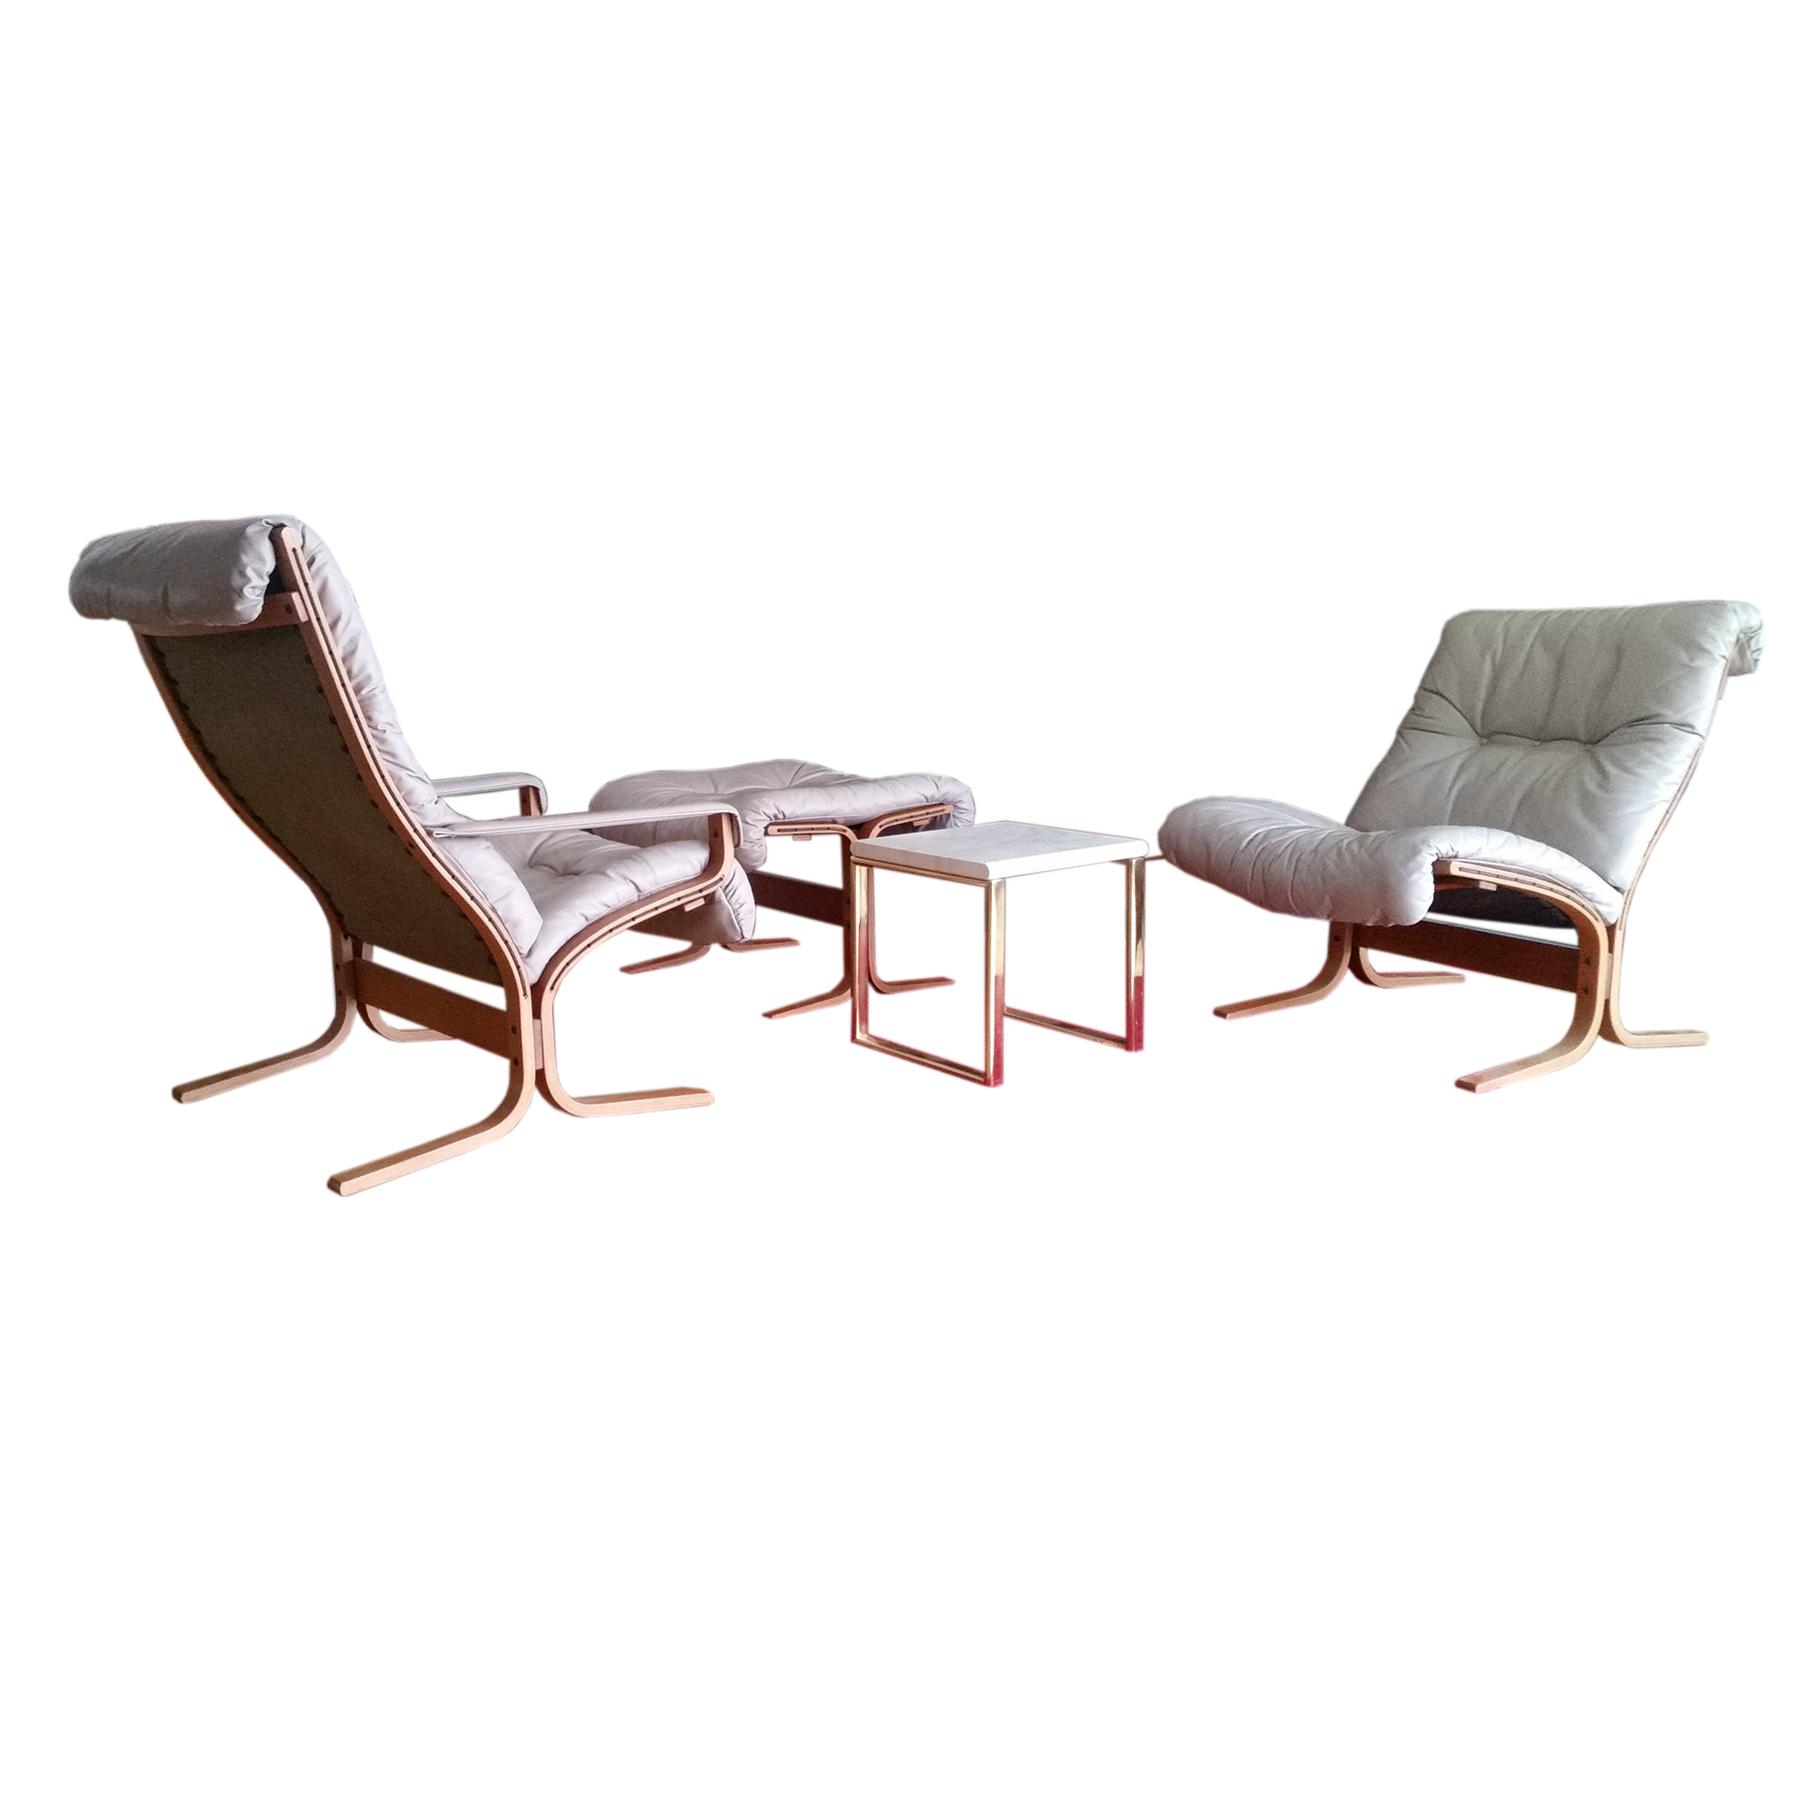 siesta-lounge-chair-relling-westnofa